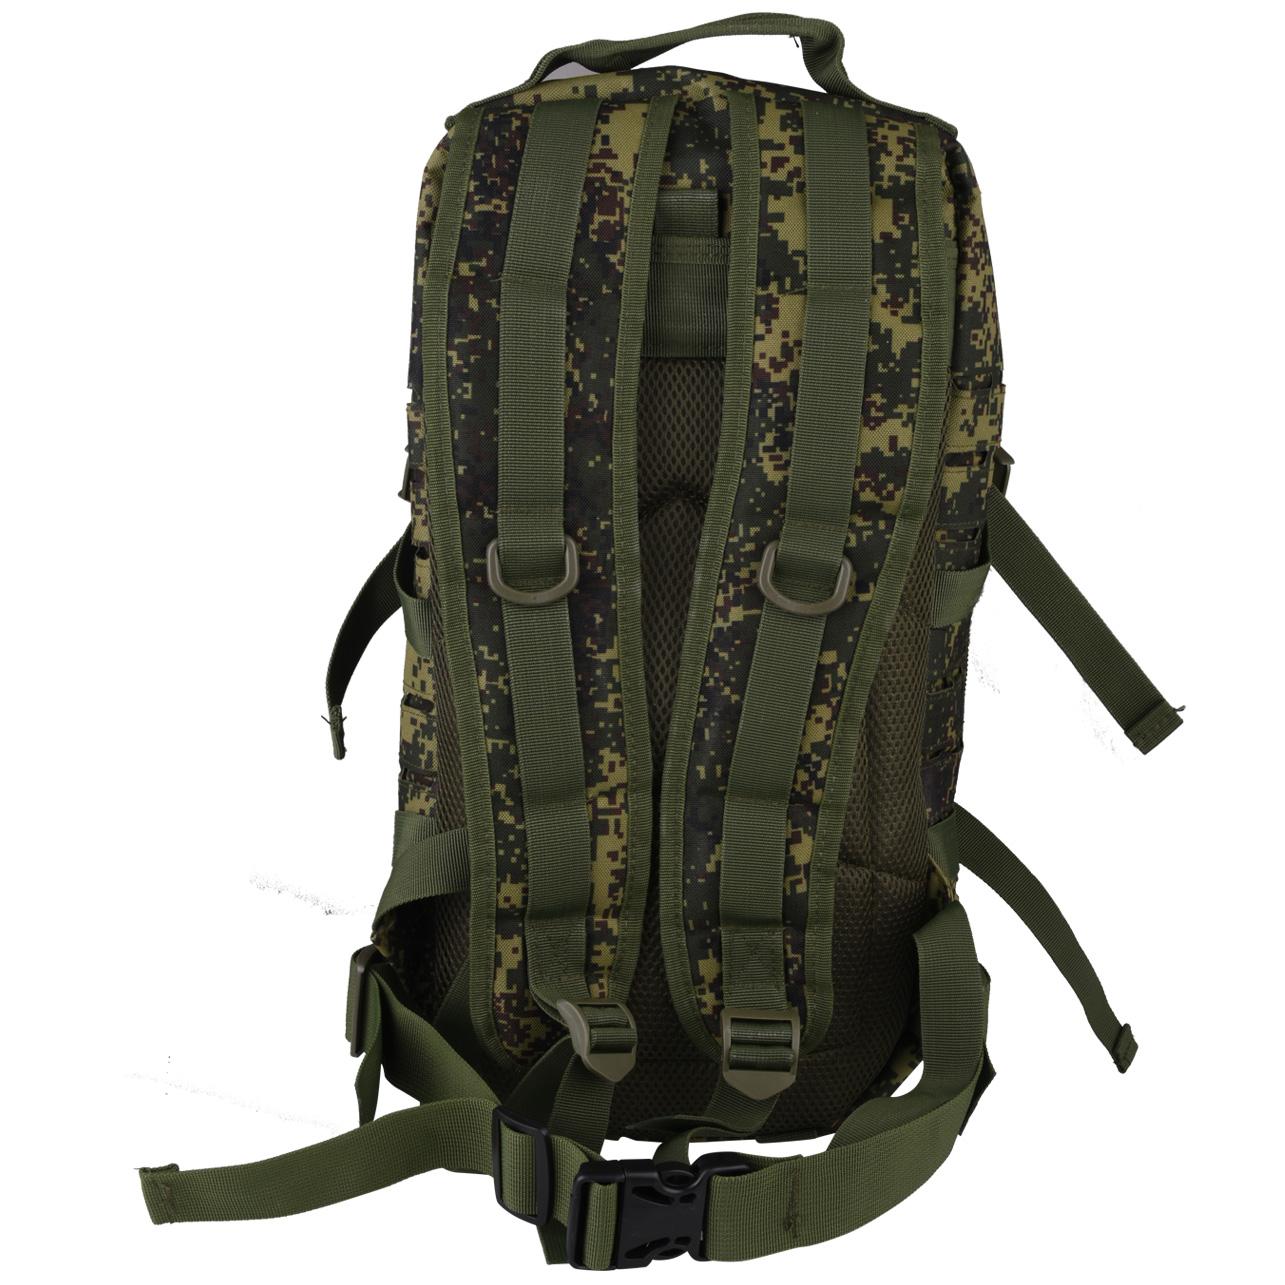 Штурмовой практичный рюкзак с нашивкой Танковые Войска - купить онлайн